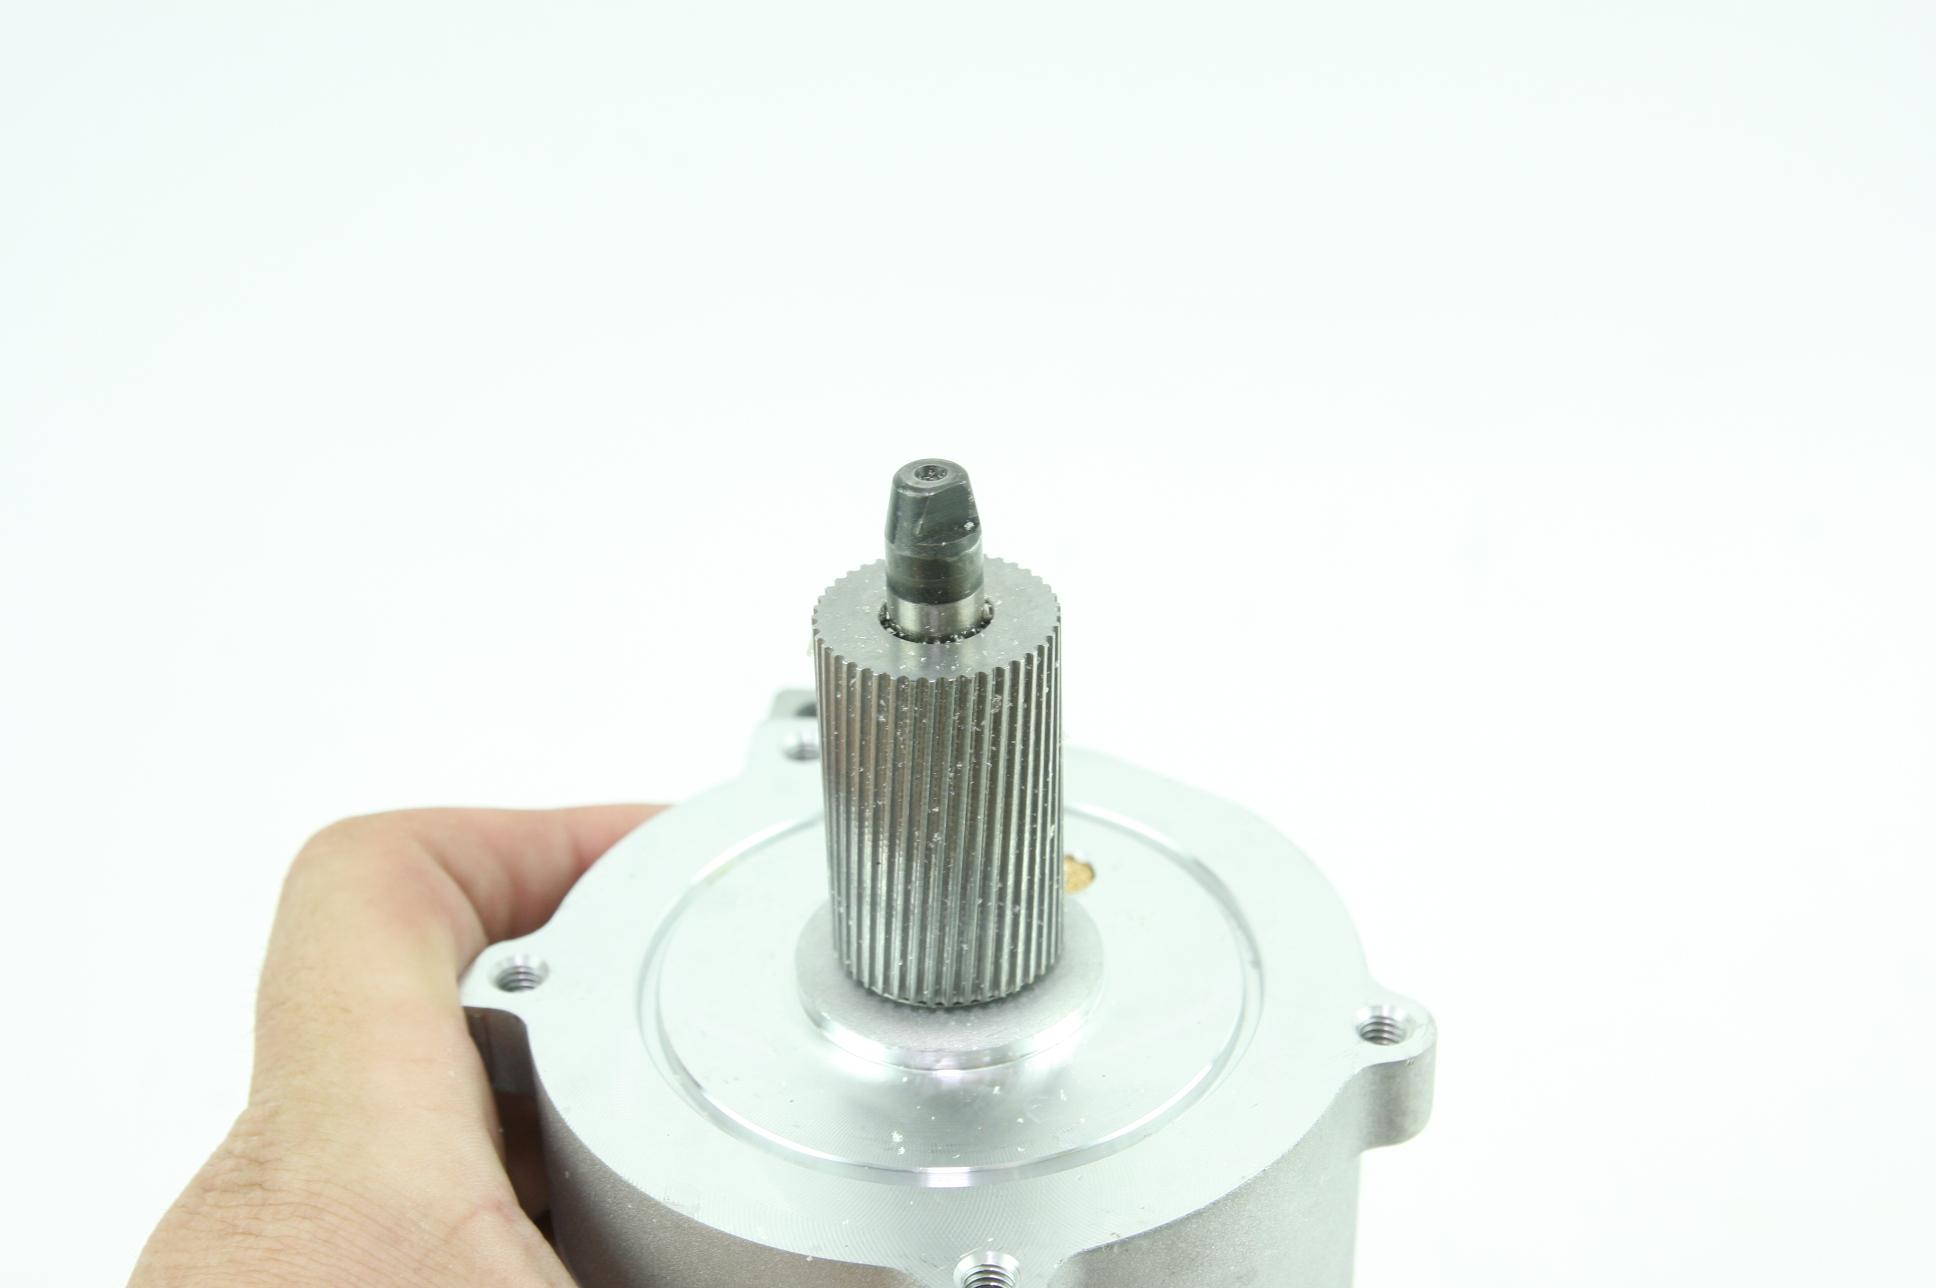 New OEM 23479299 Genuine GM Steering Gear Electric Power Steering Motor NIP - image 5